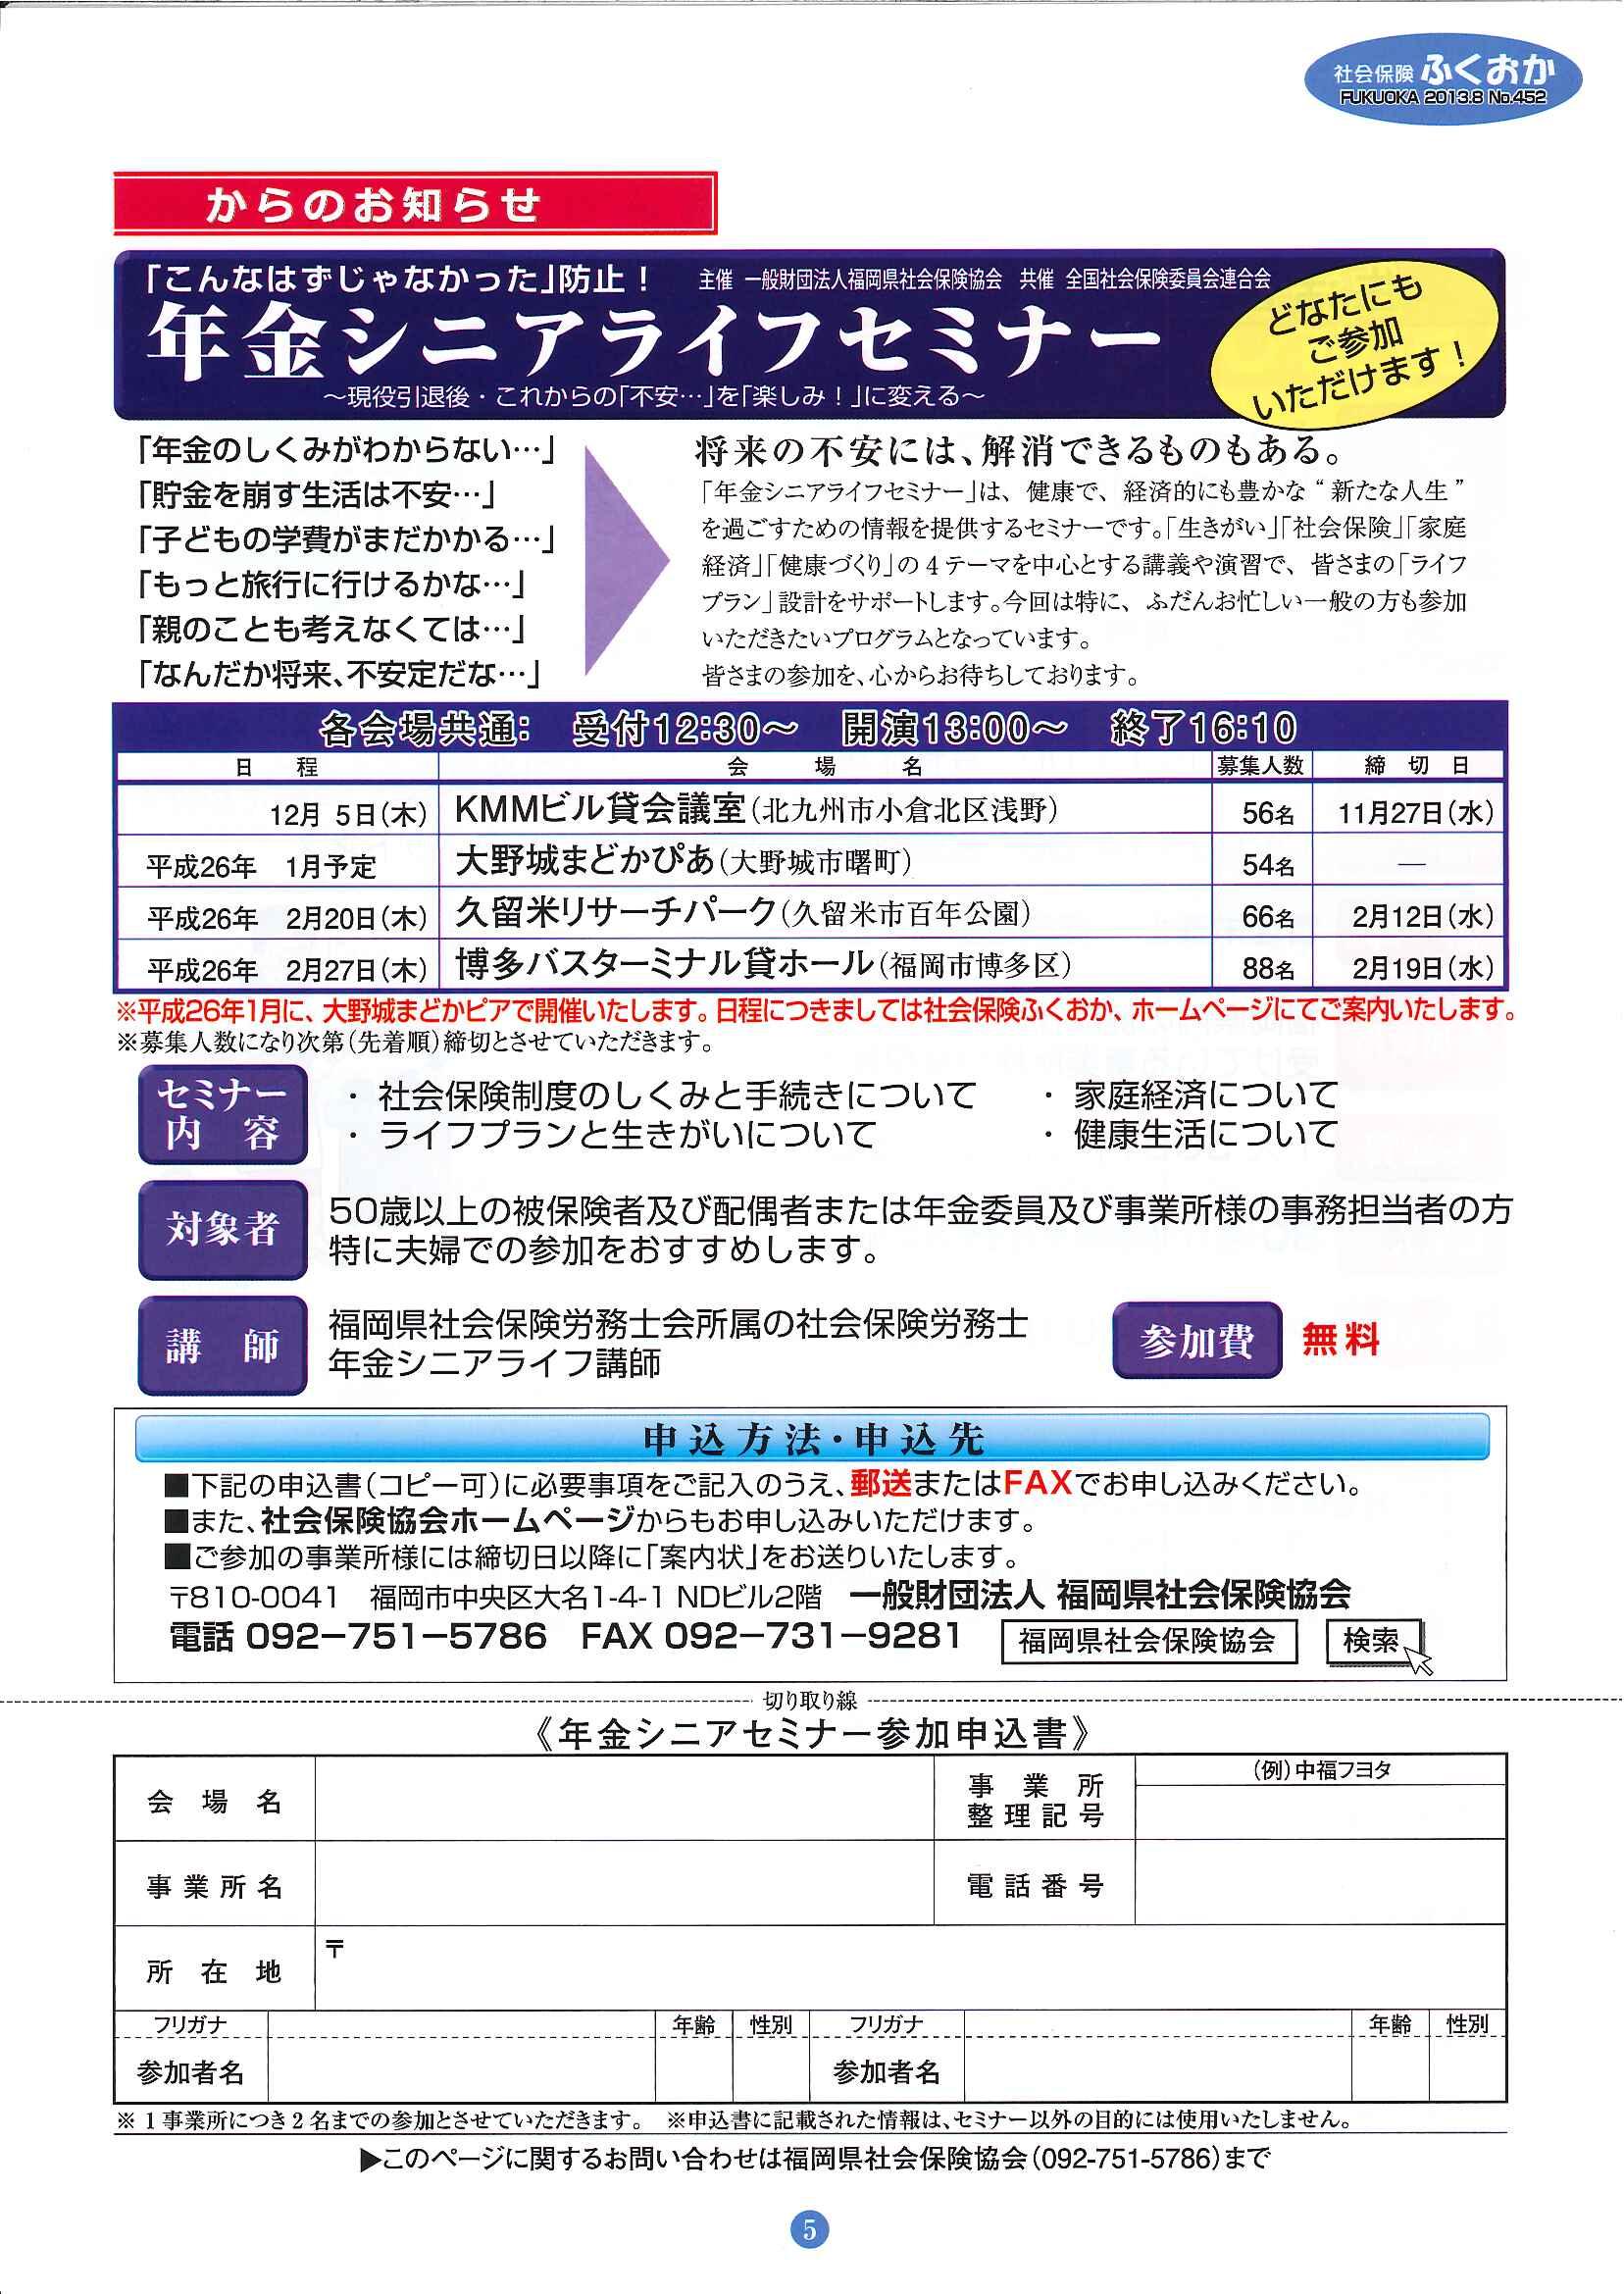 社会保険 ふくおか 2013年8月号_f0120774_14553563.jpg